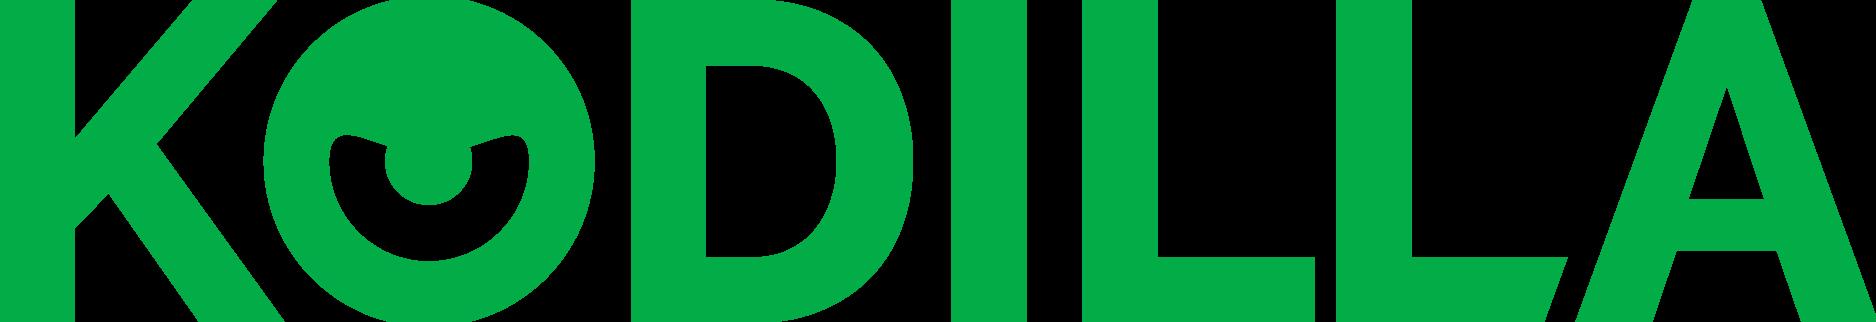 Kodilla - szkoła programowania